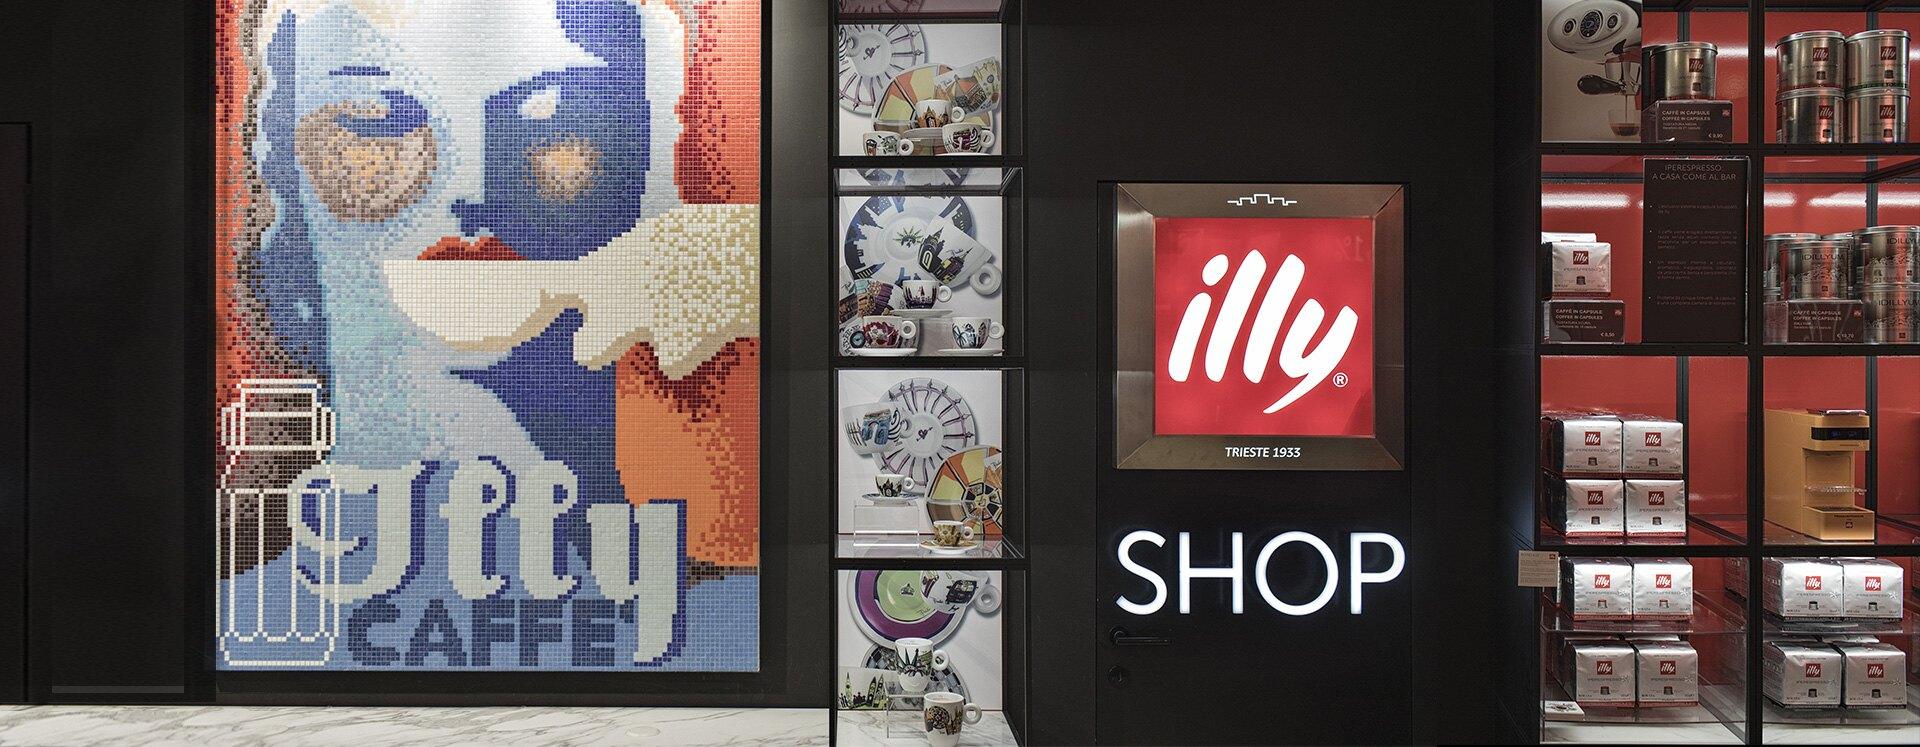 Illy Shop La Rinascente Negozi a Milano: dove fare